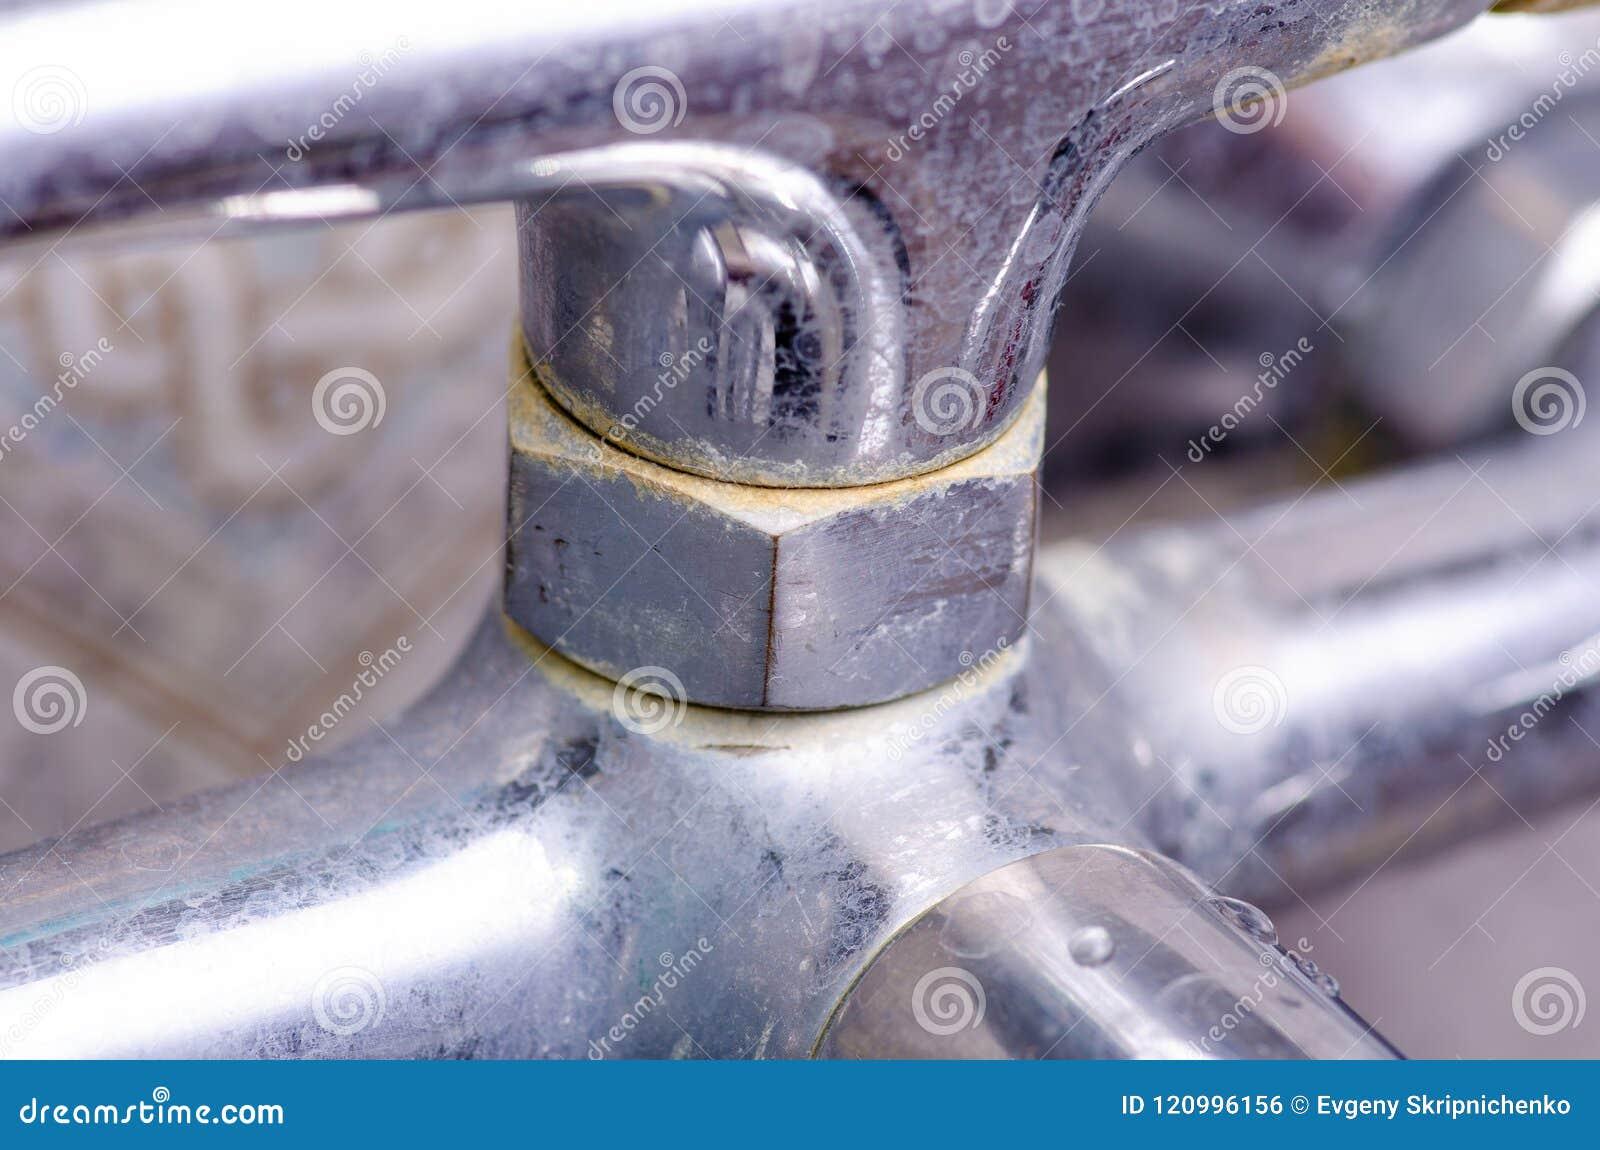 Chrome dirty faucet bathroom